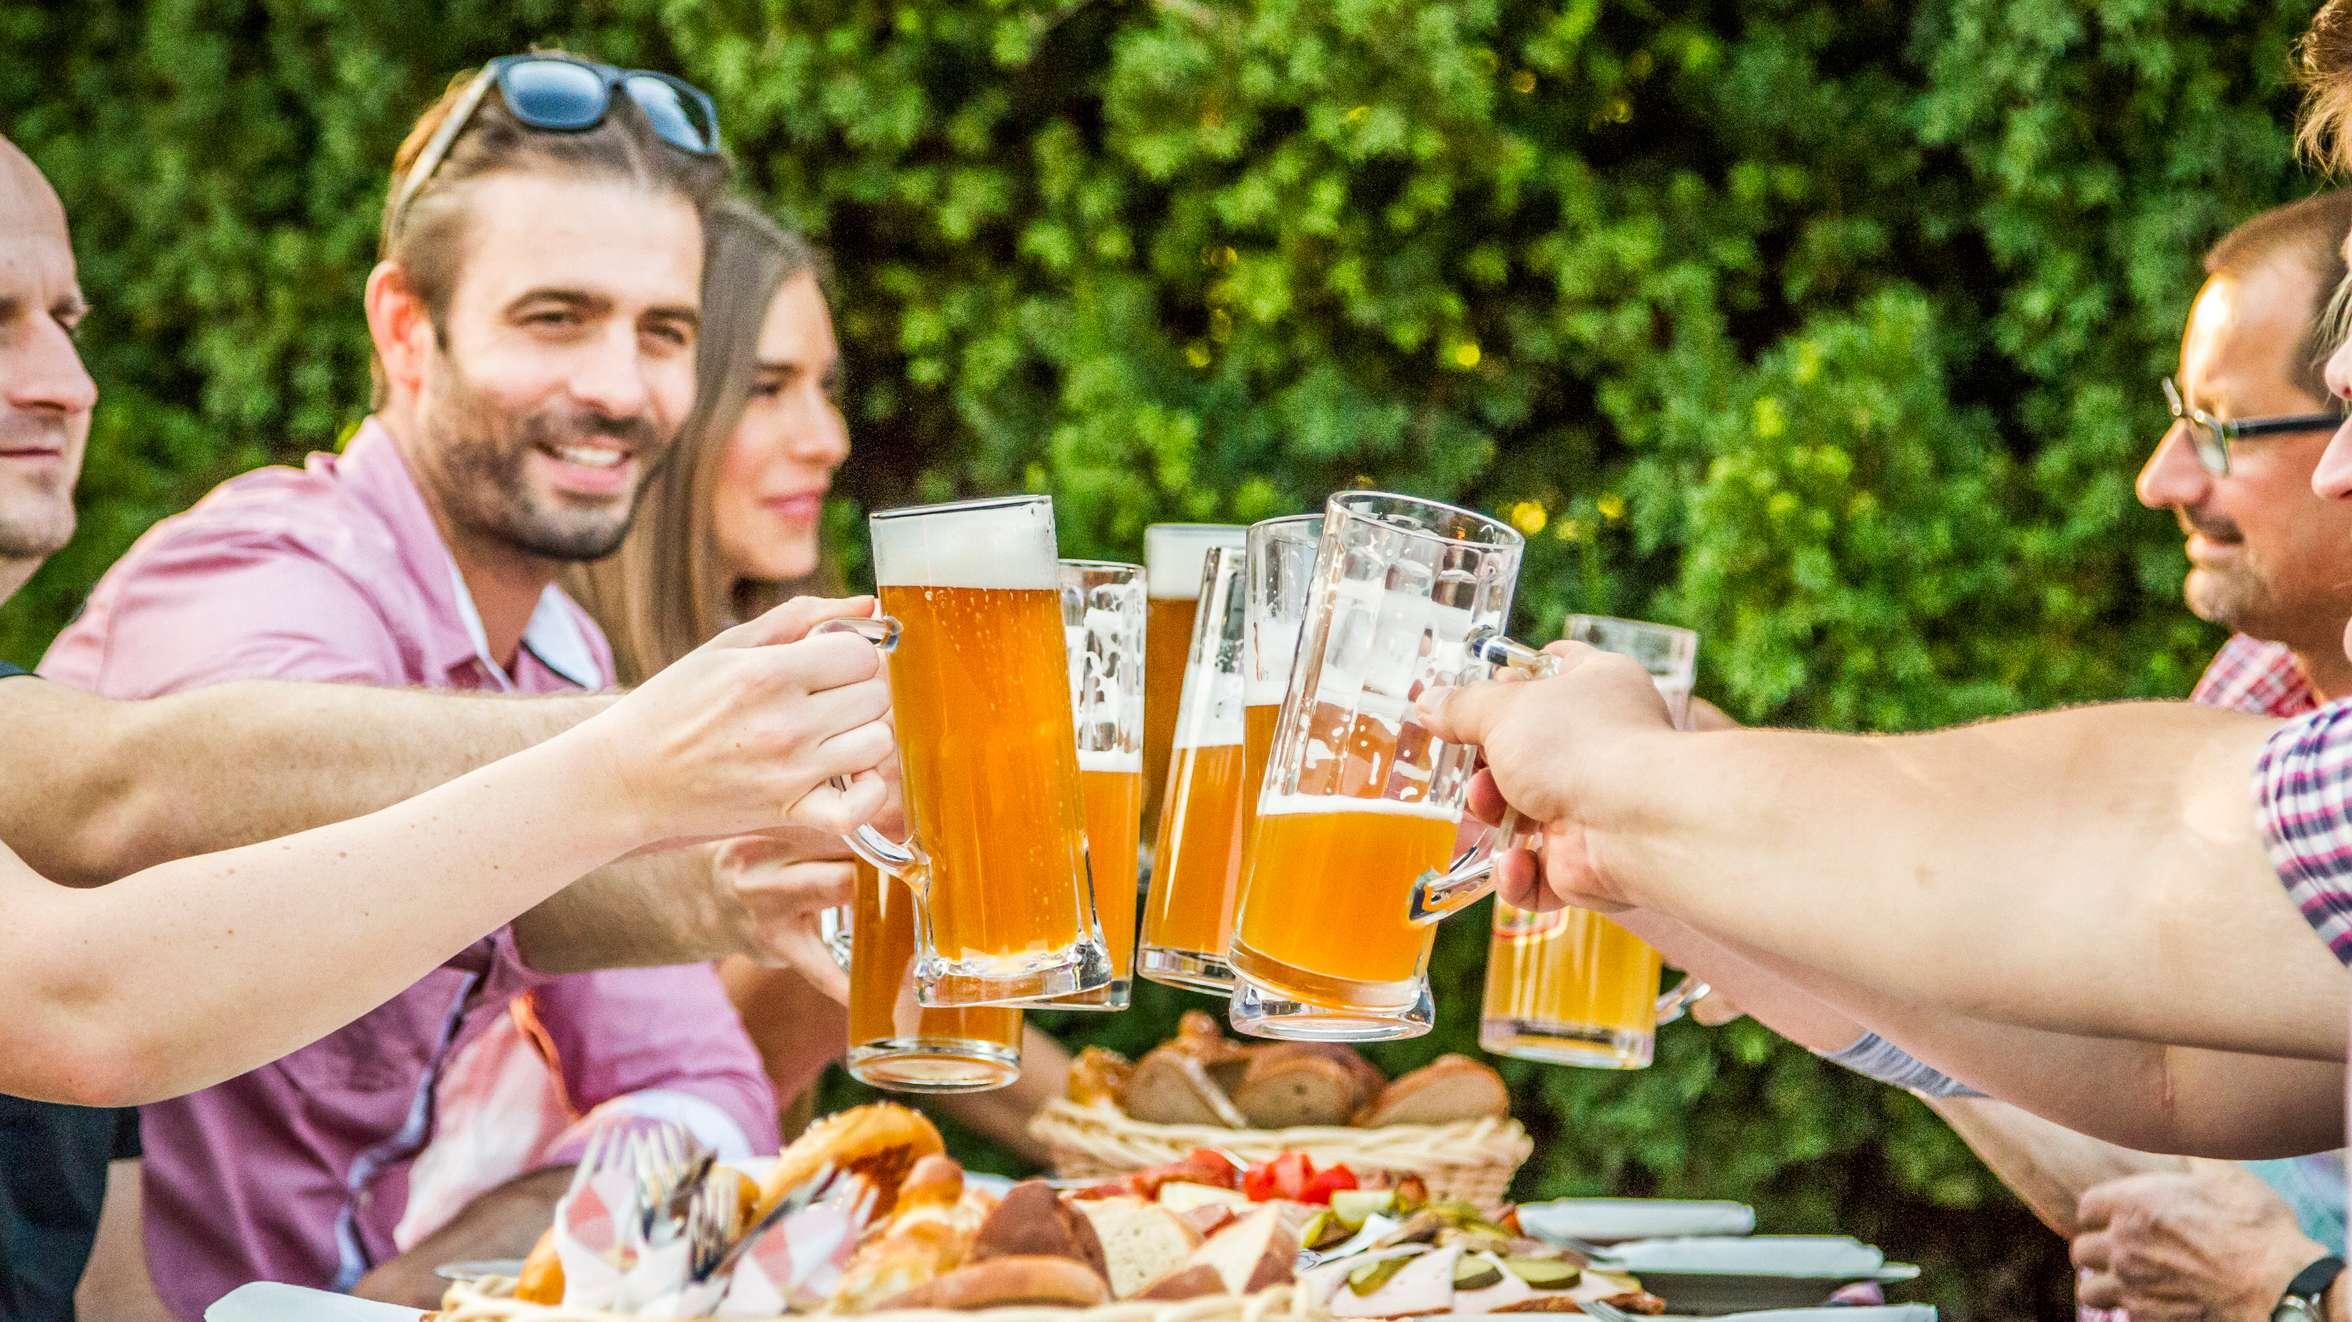 Eine Gruppe von Menschen sitzt im Biergarten und stößt mit Zoiglbier an